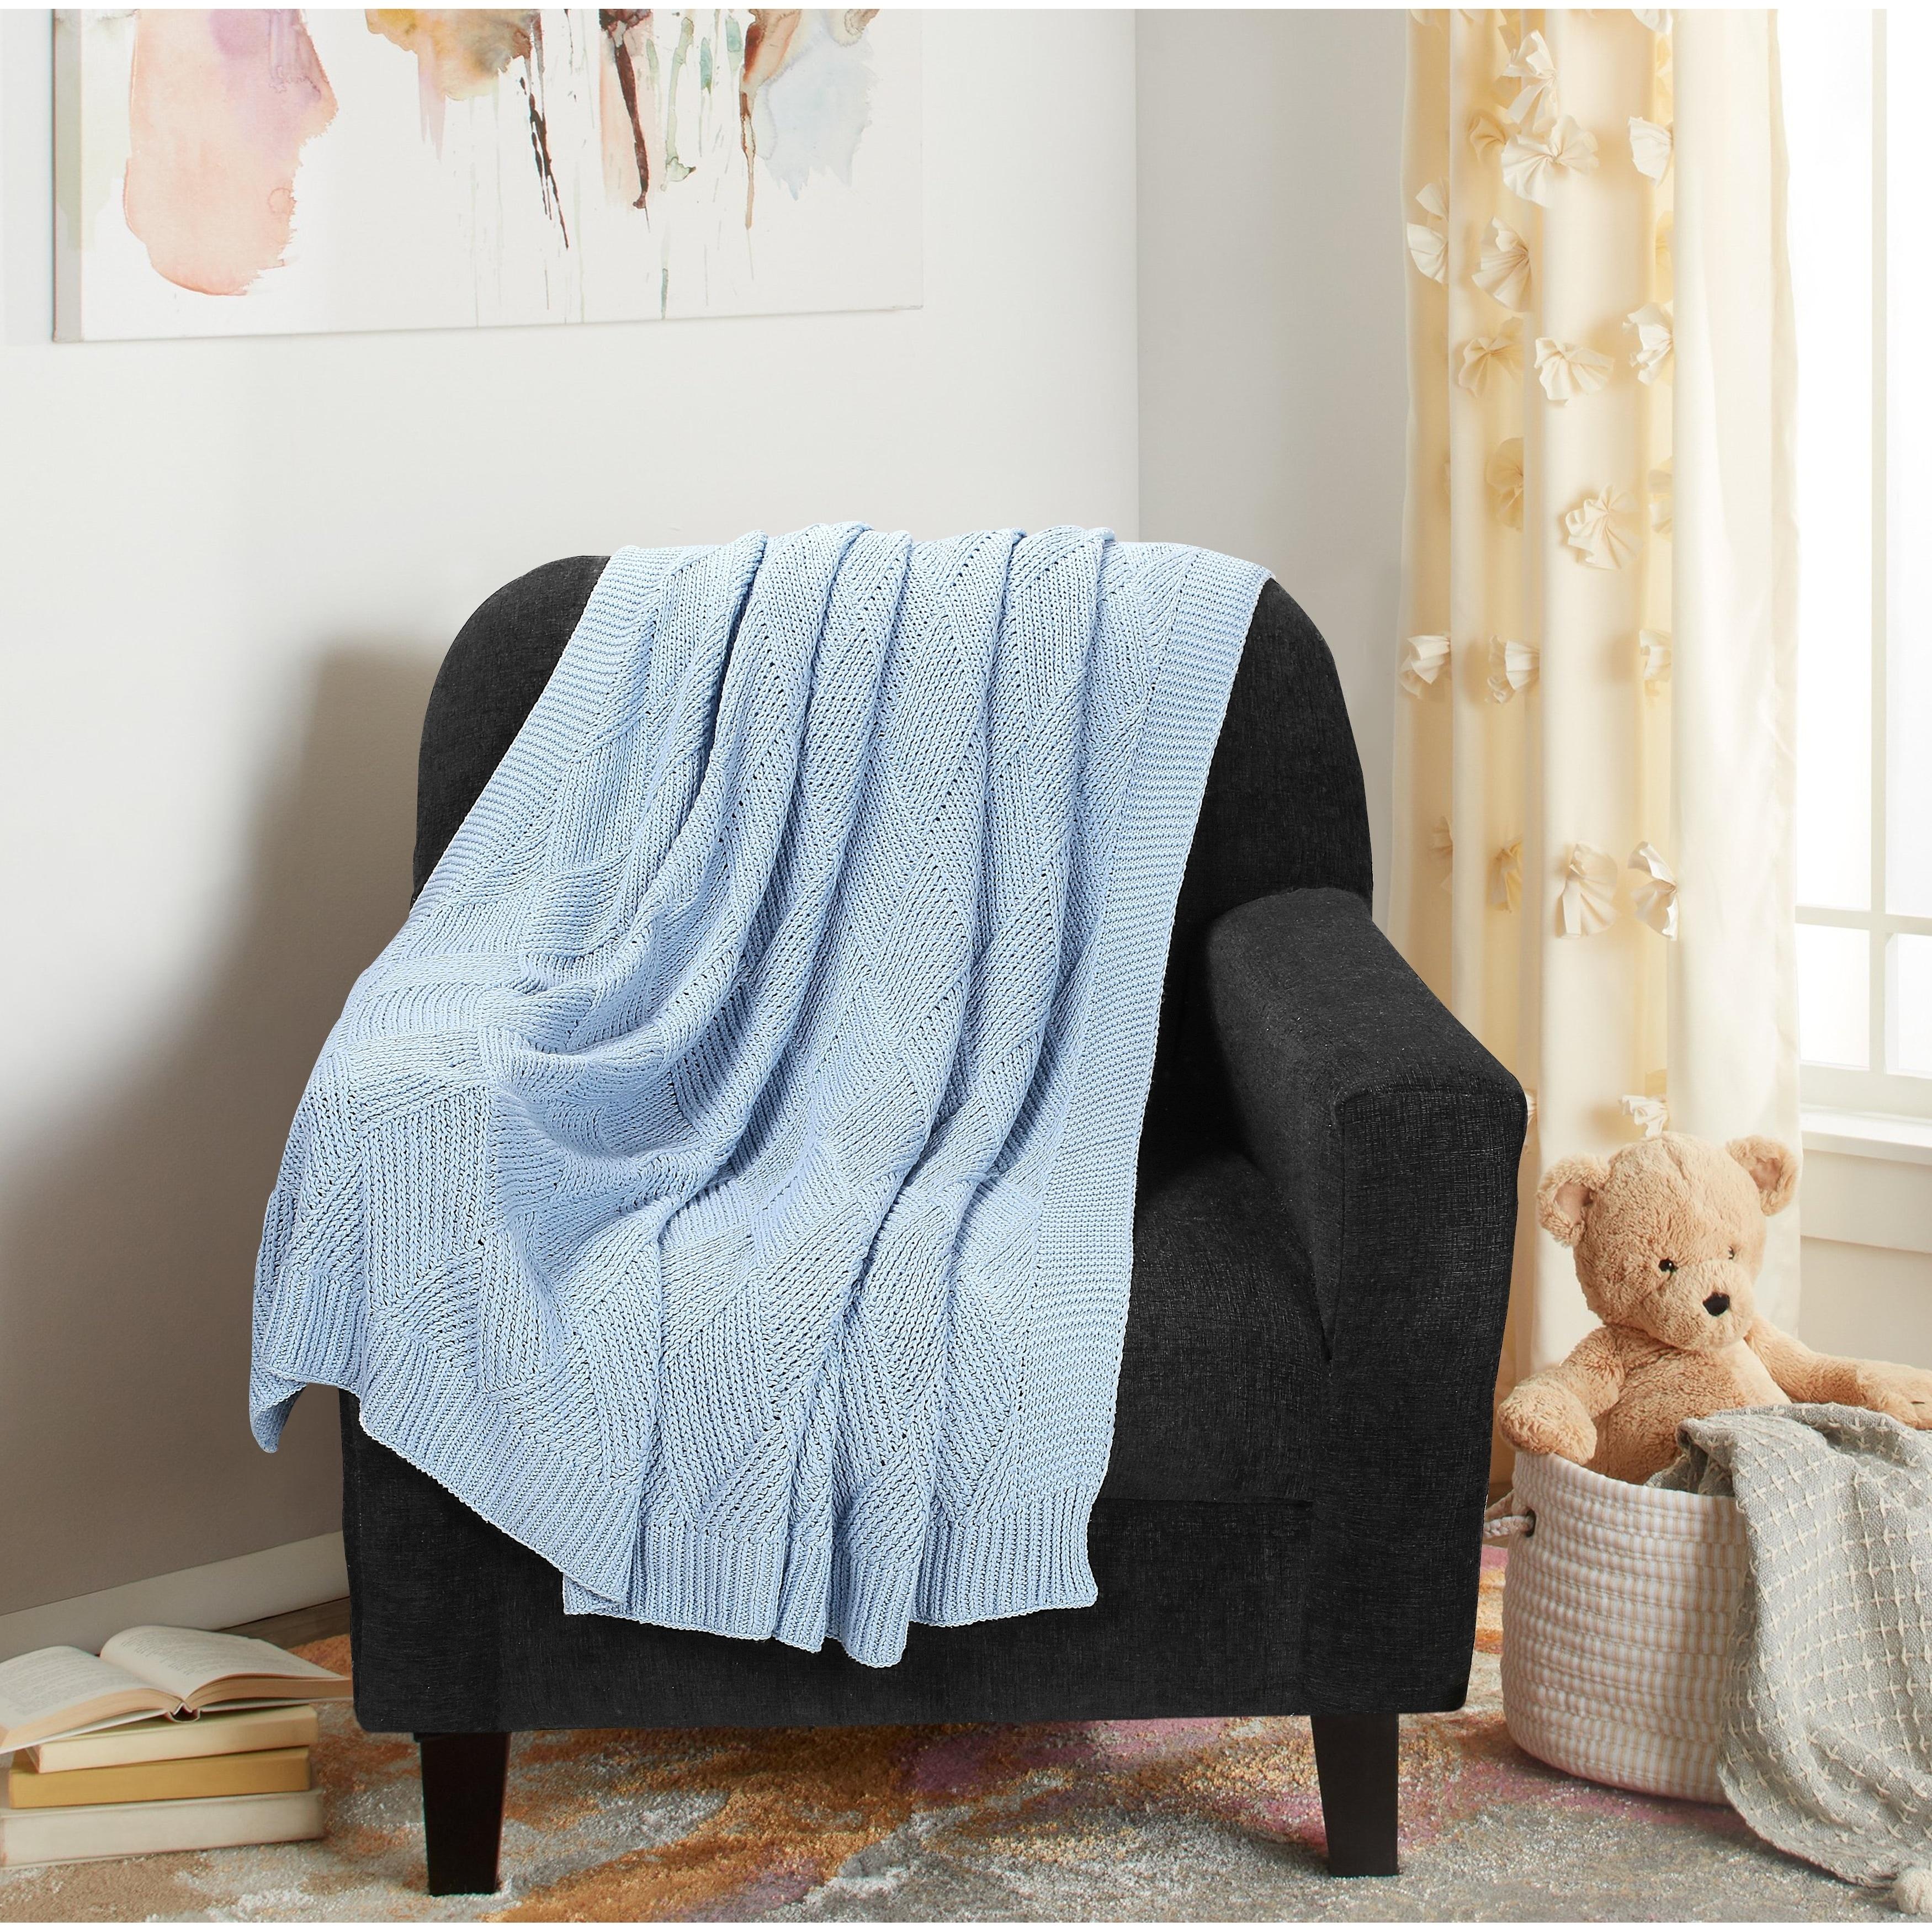 Cotton Throw Blanket 50x60